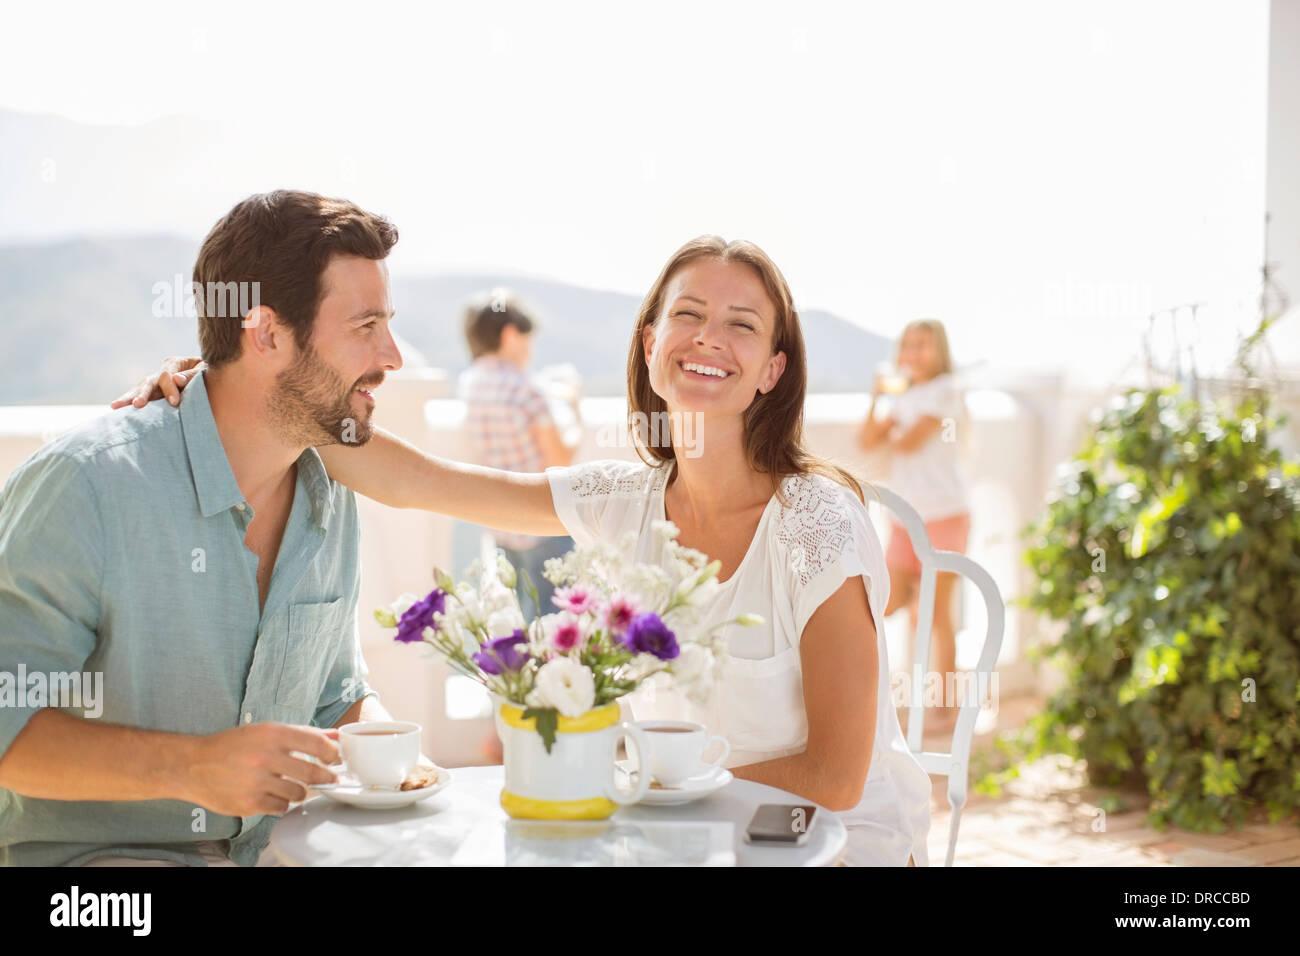 Couple enjoying coffee on balcony - Stock Image